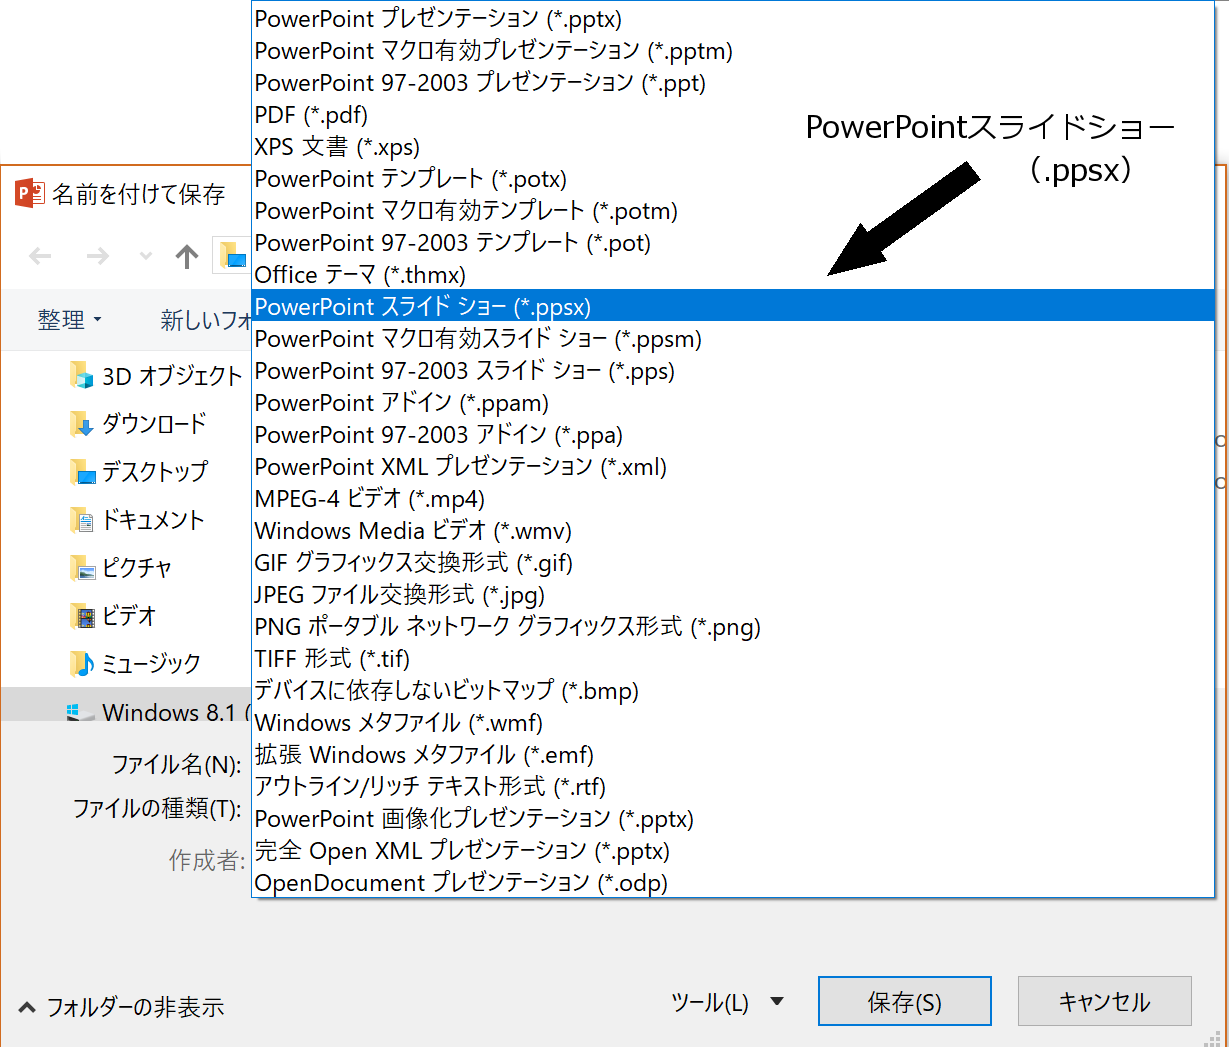 番号 powerpoint ページ